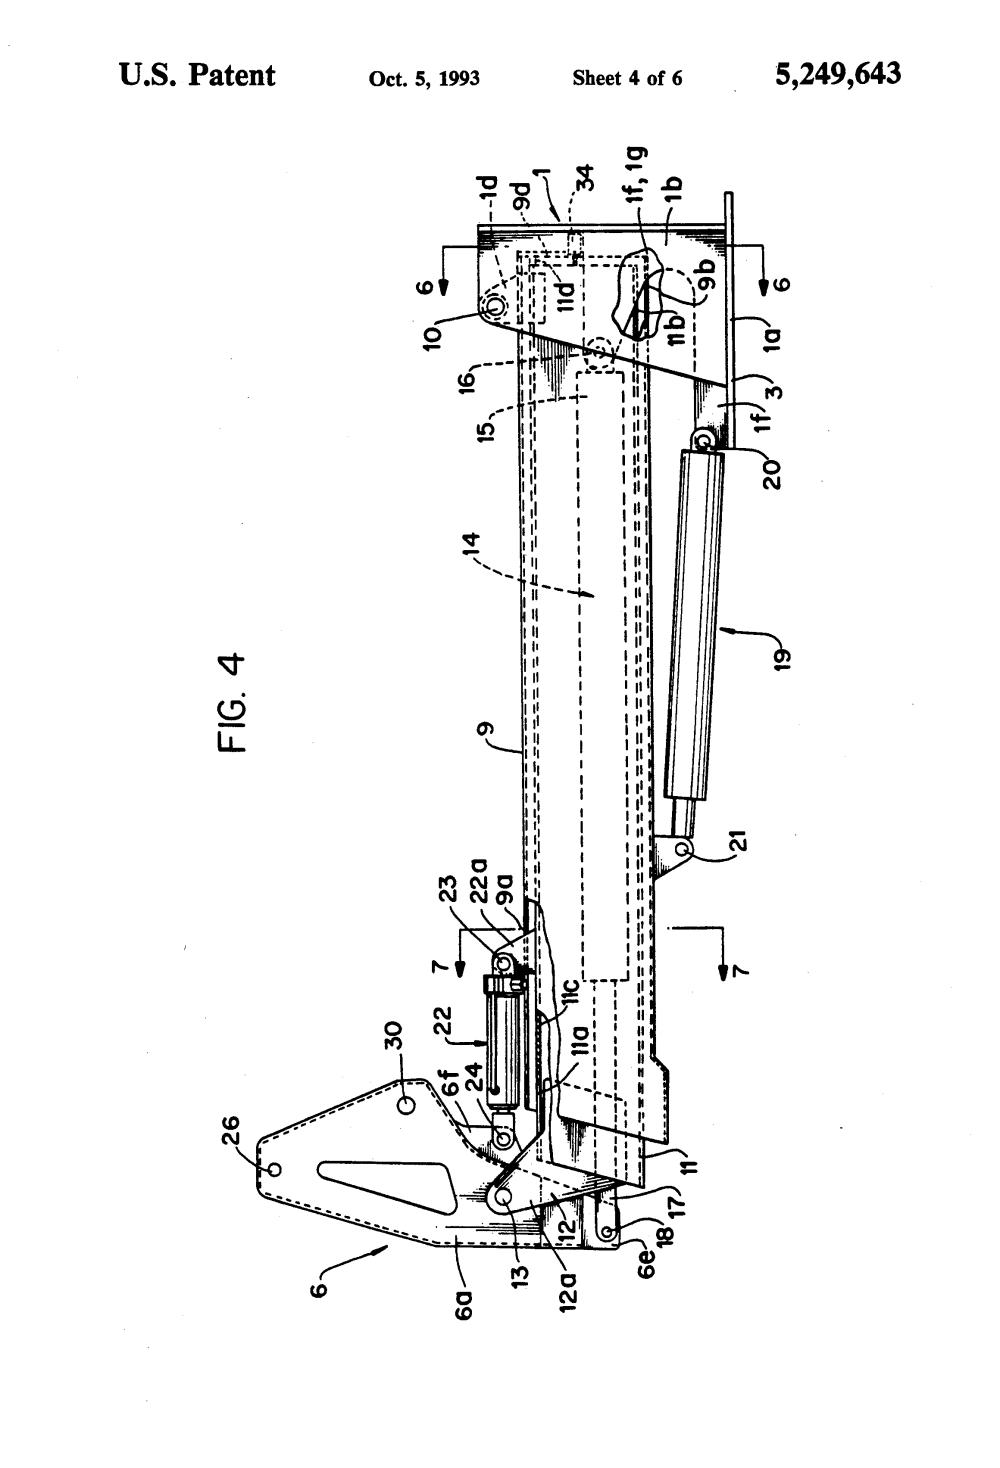 medium resolution of 601 vin decoder catalog tractor ford parts